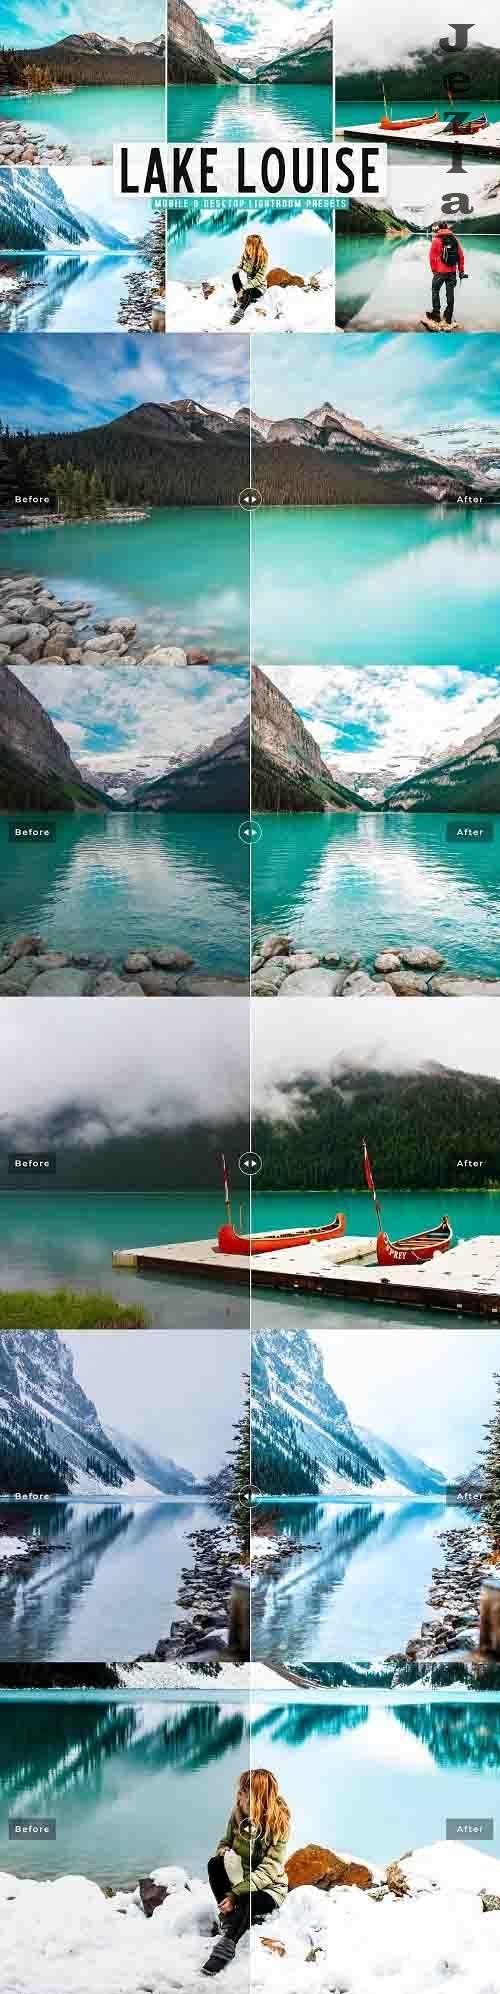 Lake Louise Pro Lightroom Presets - 5665804 - Mobile & Desktop